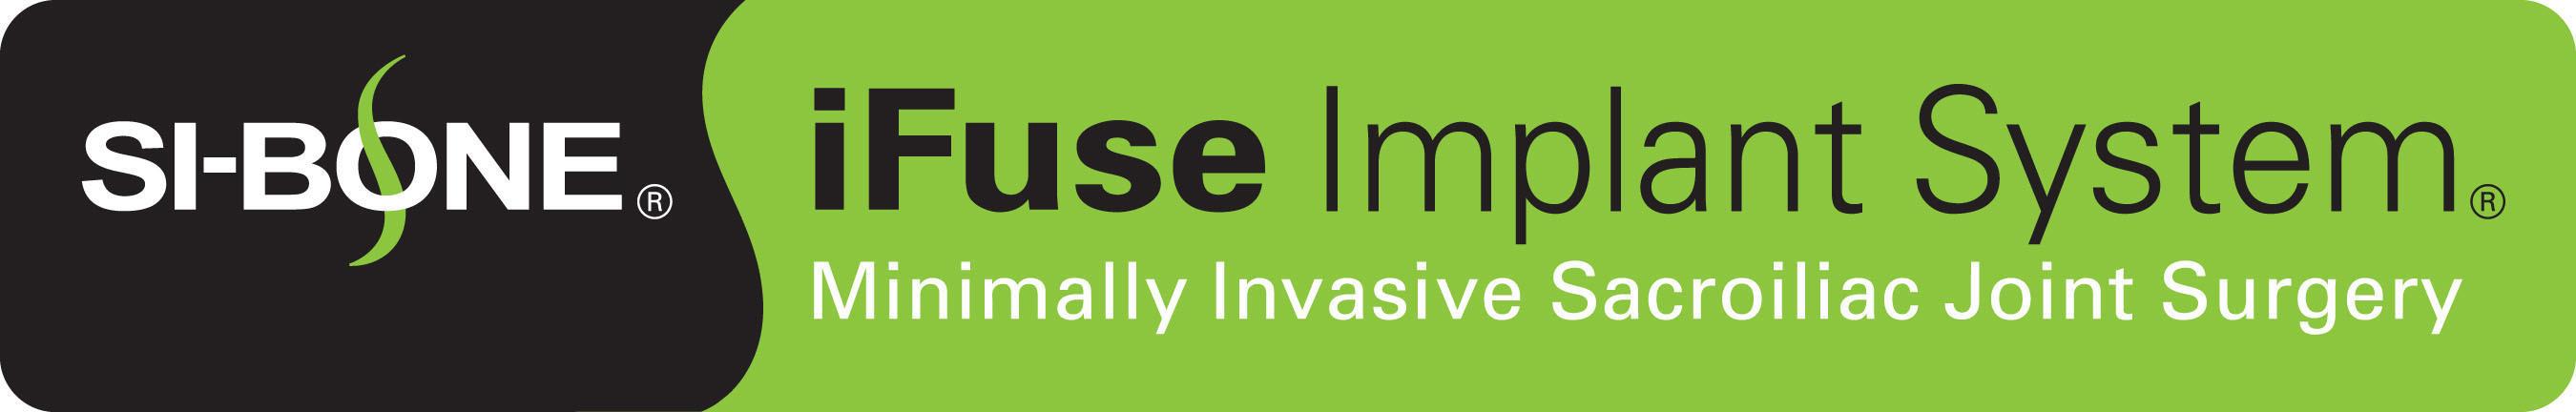 SI-BONE iFuse Logo. (PRNewsFoto/SI-BONE, Inc.)